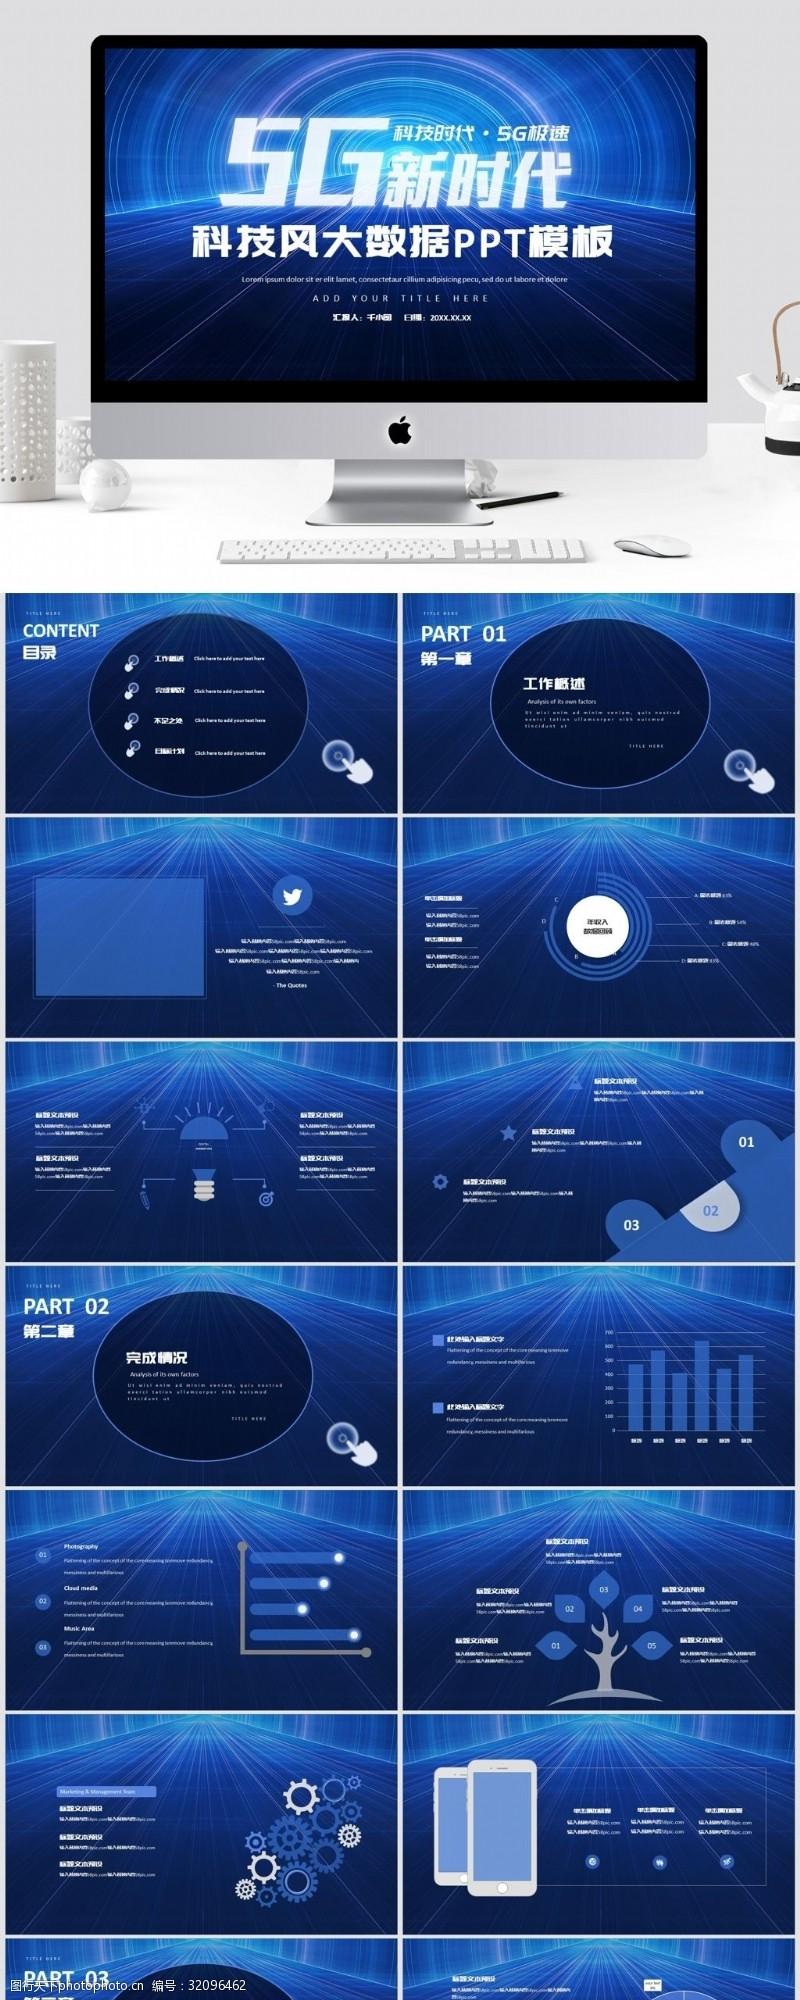 数据ppt模板5G新时代科技风大数据PPT模板